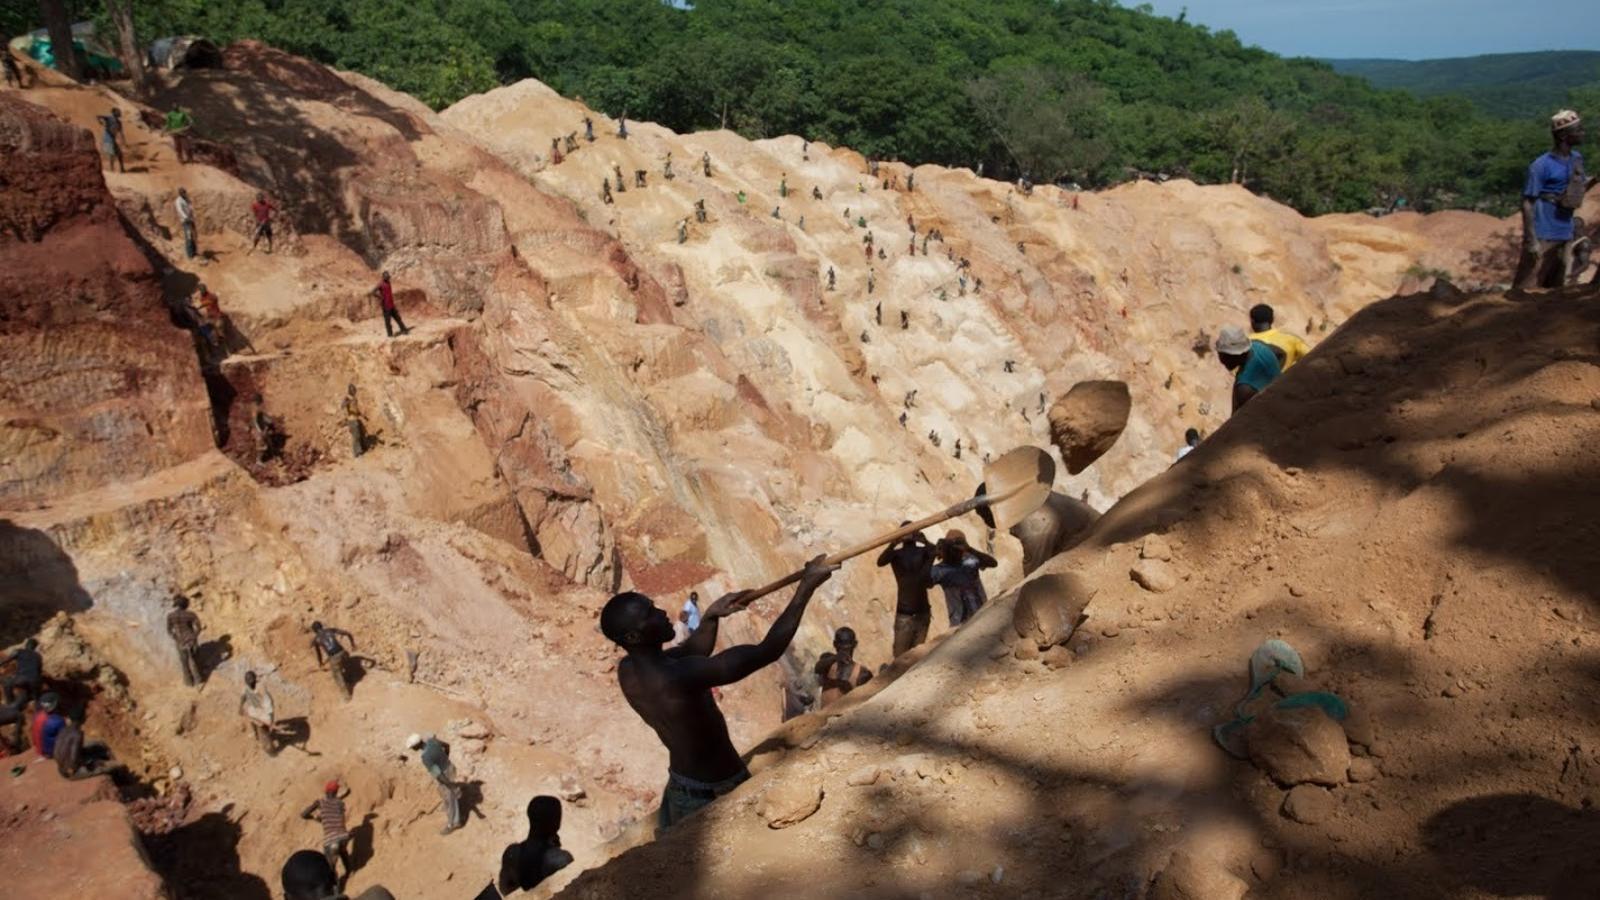 La mina d'or més gran de República Centreafricana a Ndassima (Bambari) s'explota, com la majoria de mines del país, de manera totalment artesanal. L'extracció funciona sota la mira dels fusells rebels.